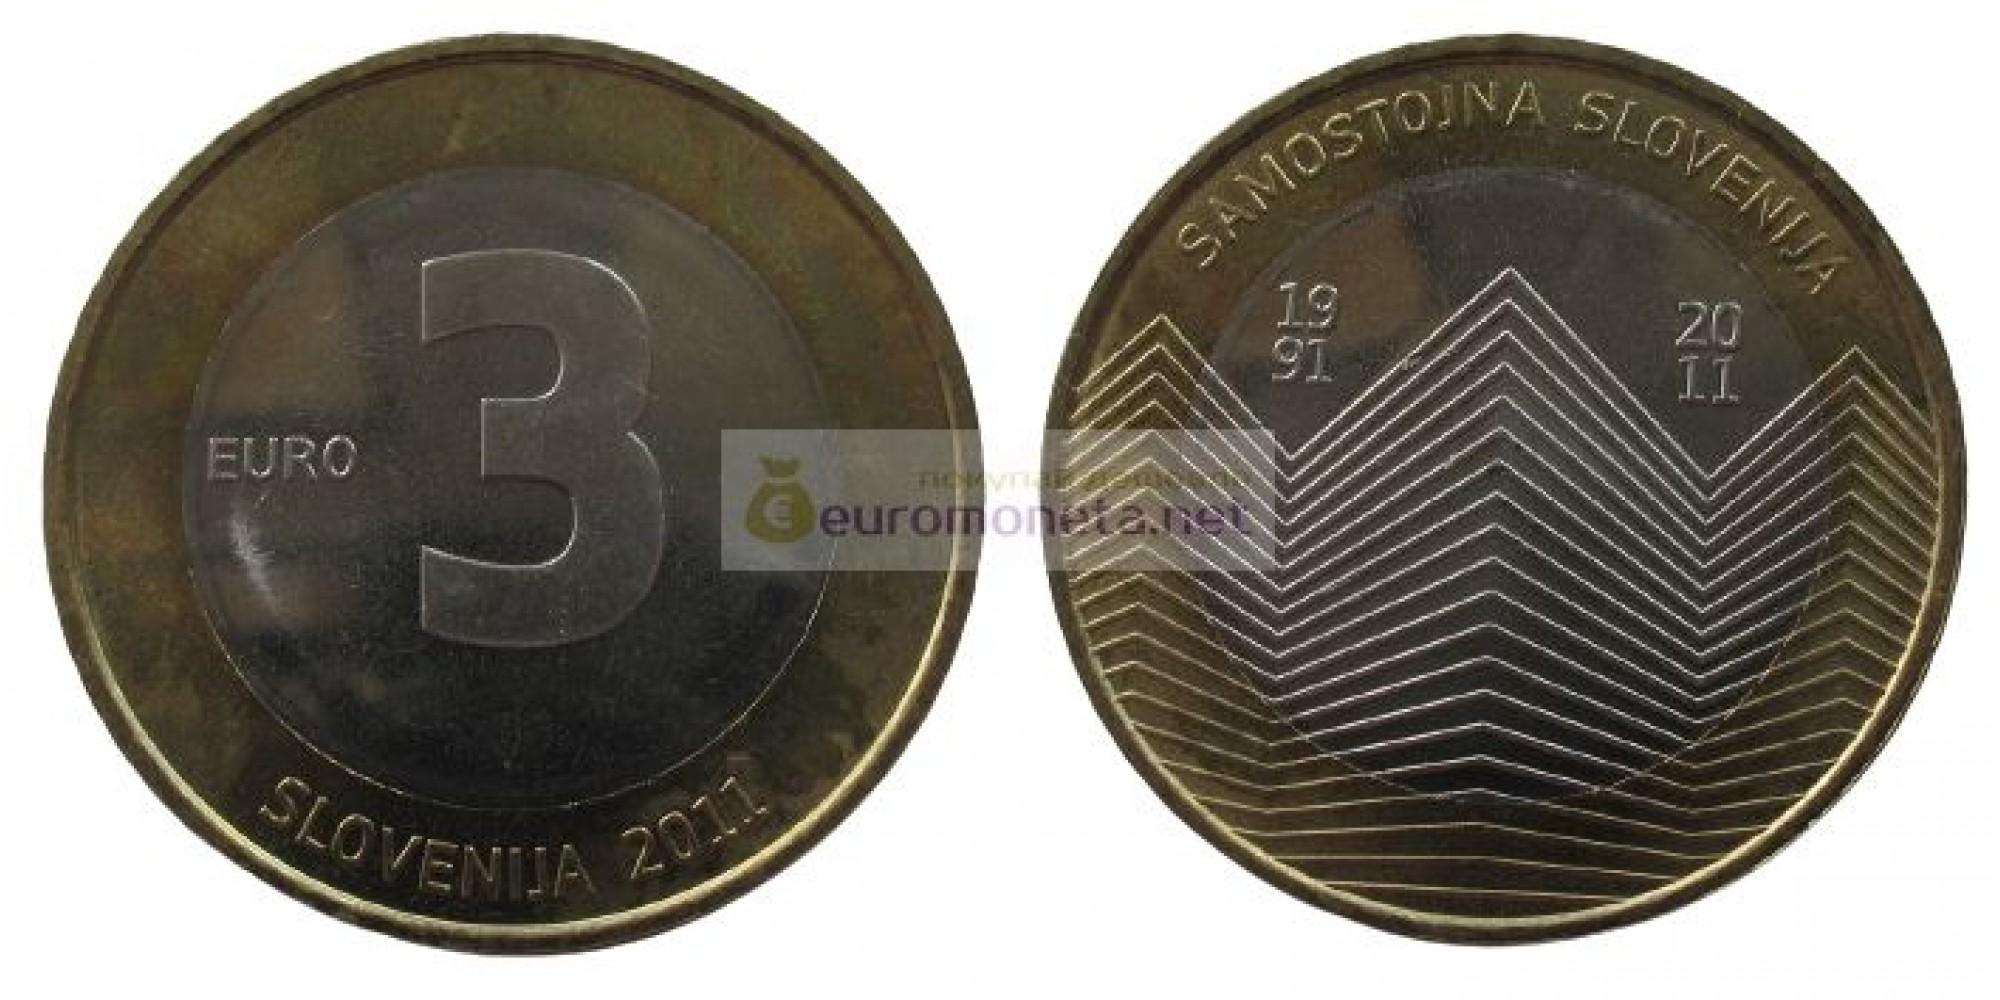 Словения 3 евро 2011 год. 20 лет независимости Словении. АЦ из ролла